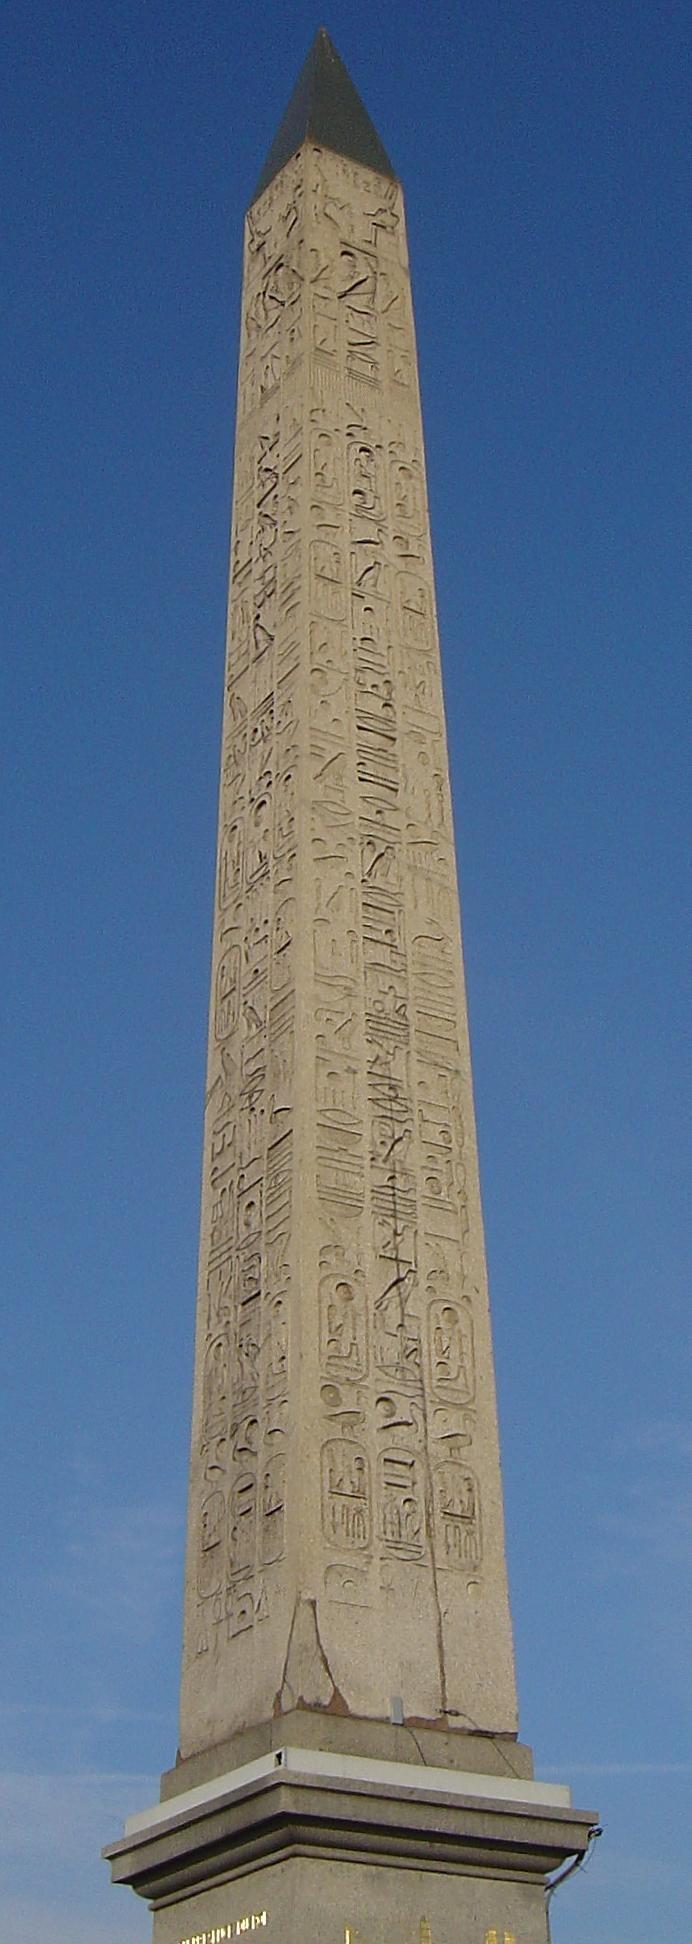 Louxor obelisk Paris dsc00780